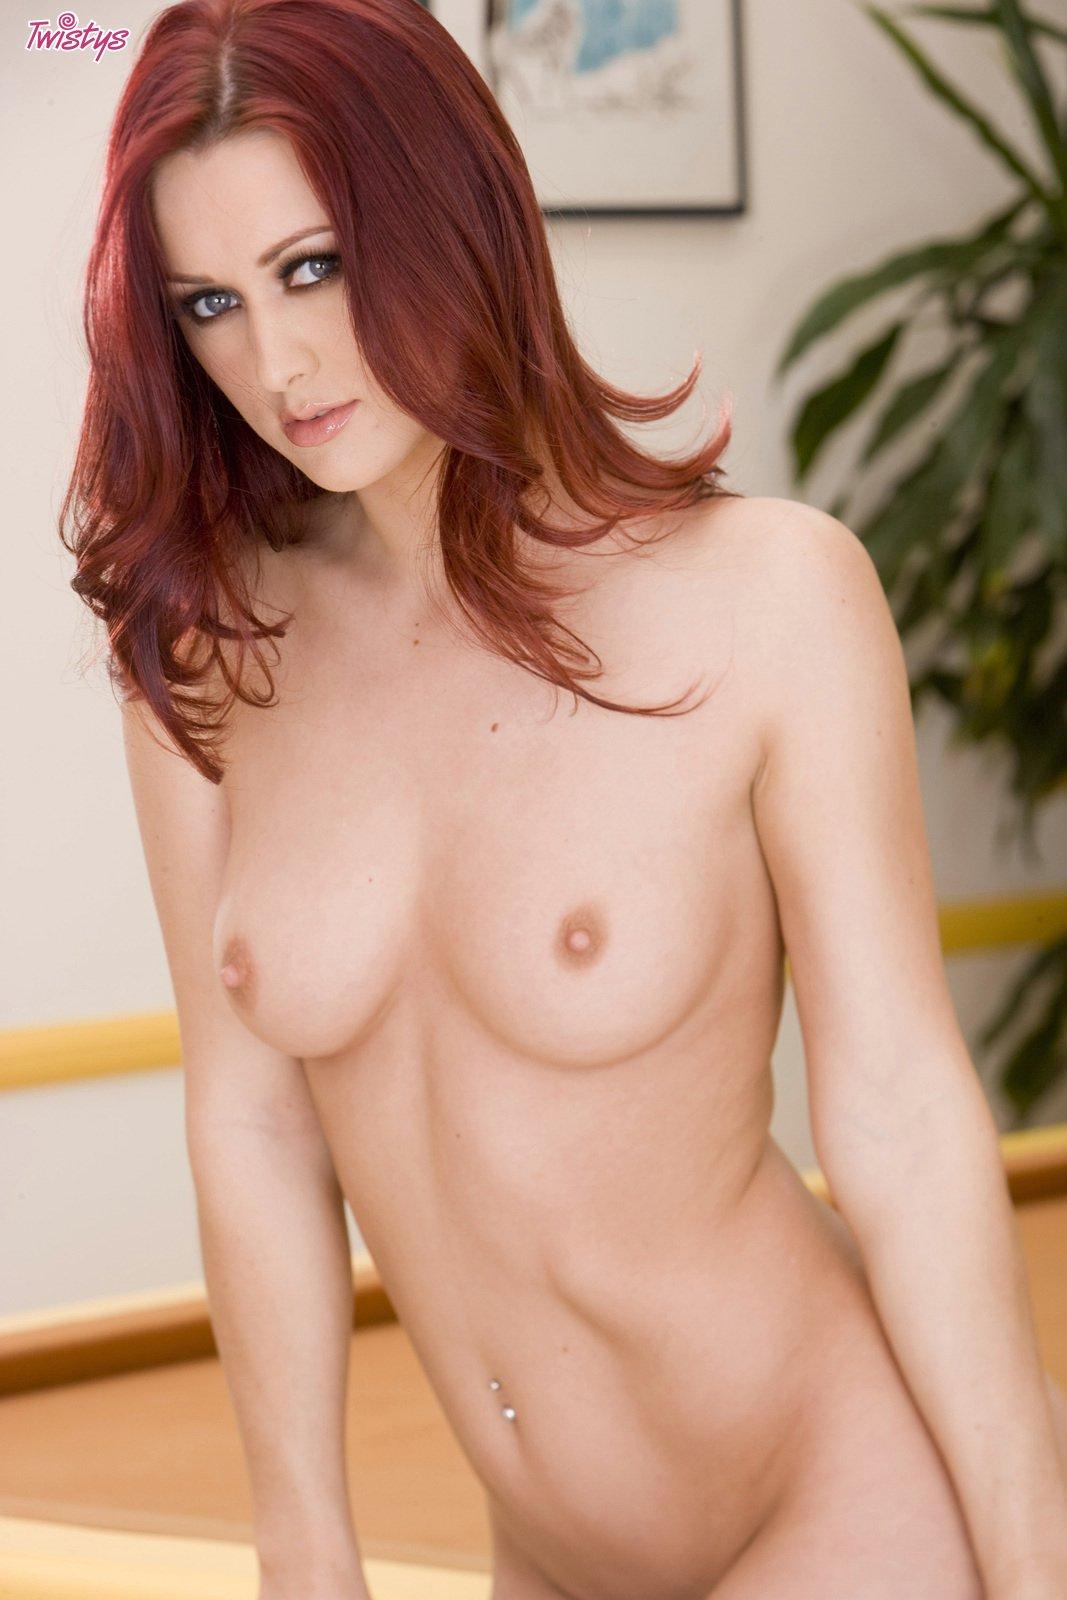 Nude karlie montana porn star congratulate, what